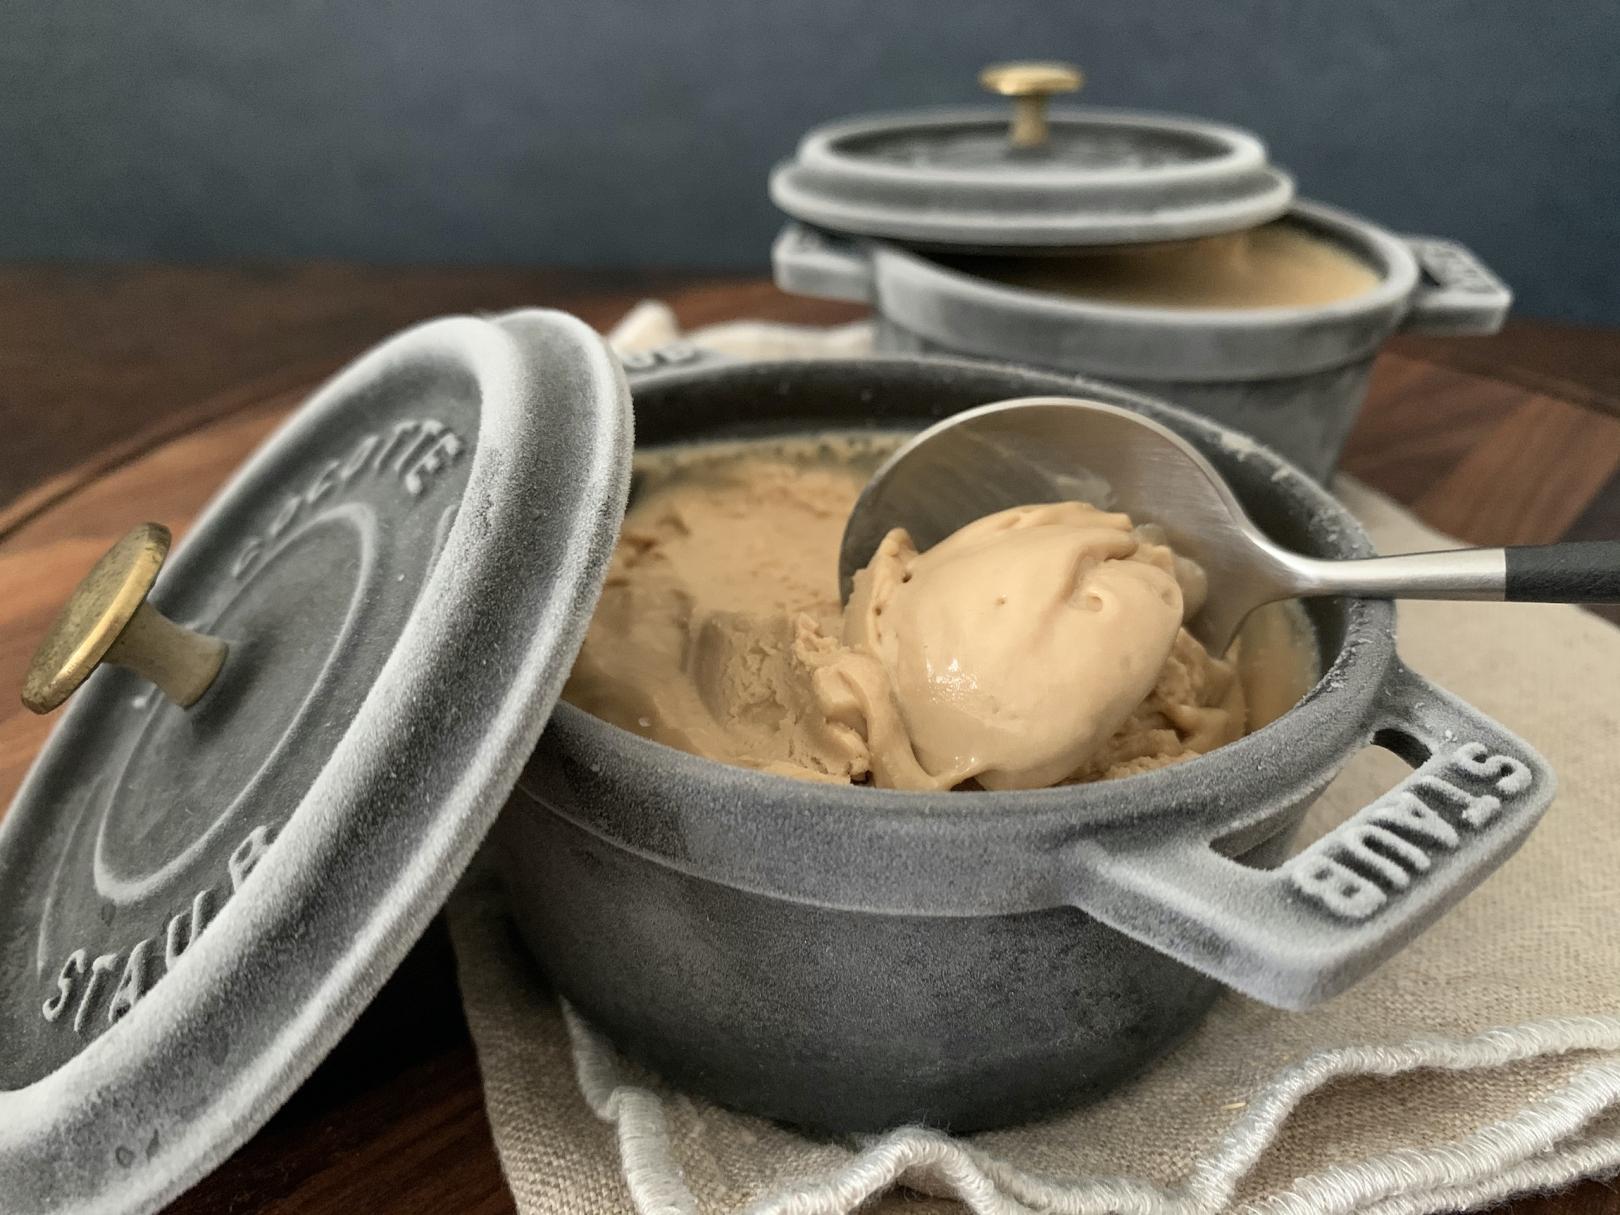 ナイジェラ・ローソンさんの凍らせるだけでできるコーヒーアイスクリーム